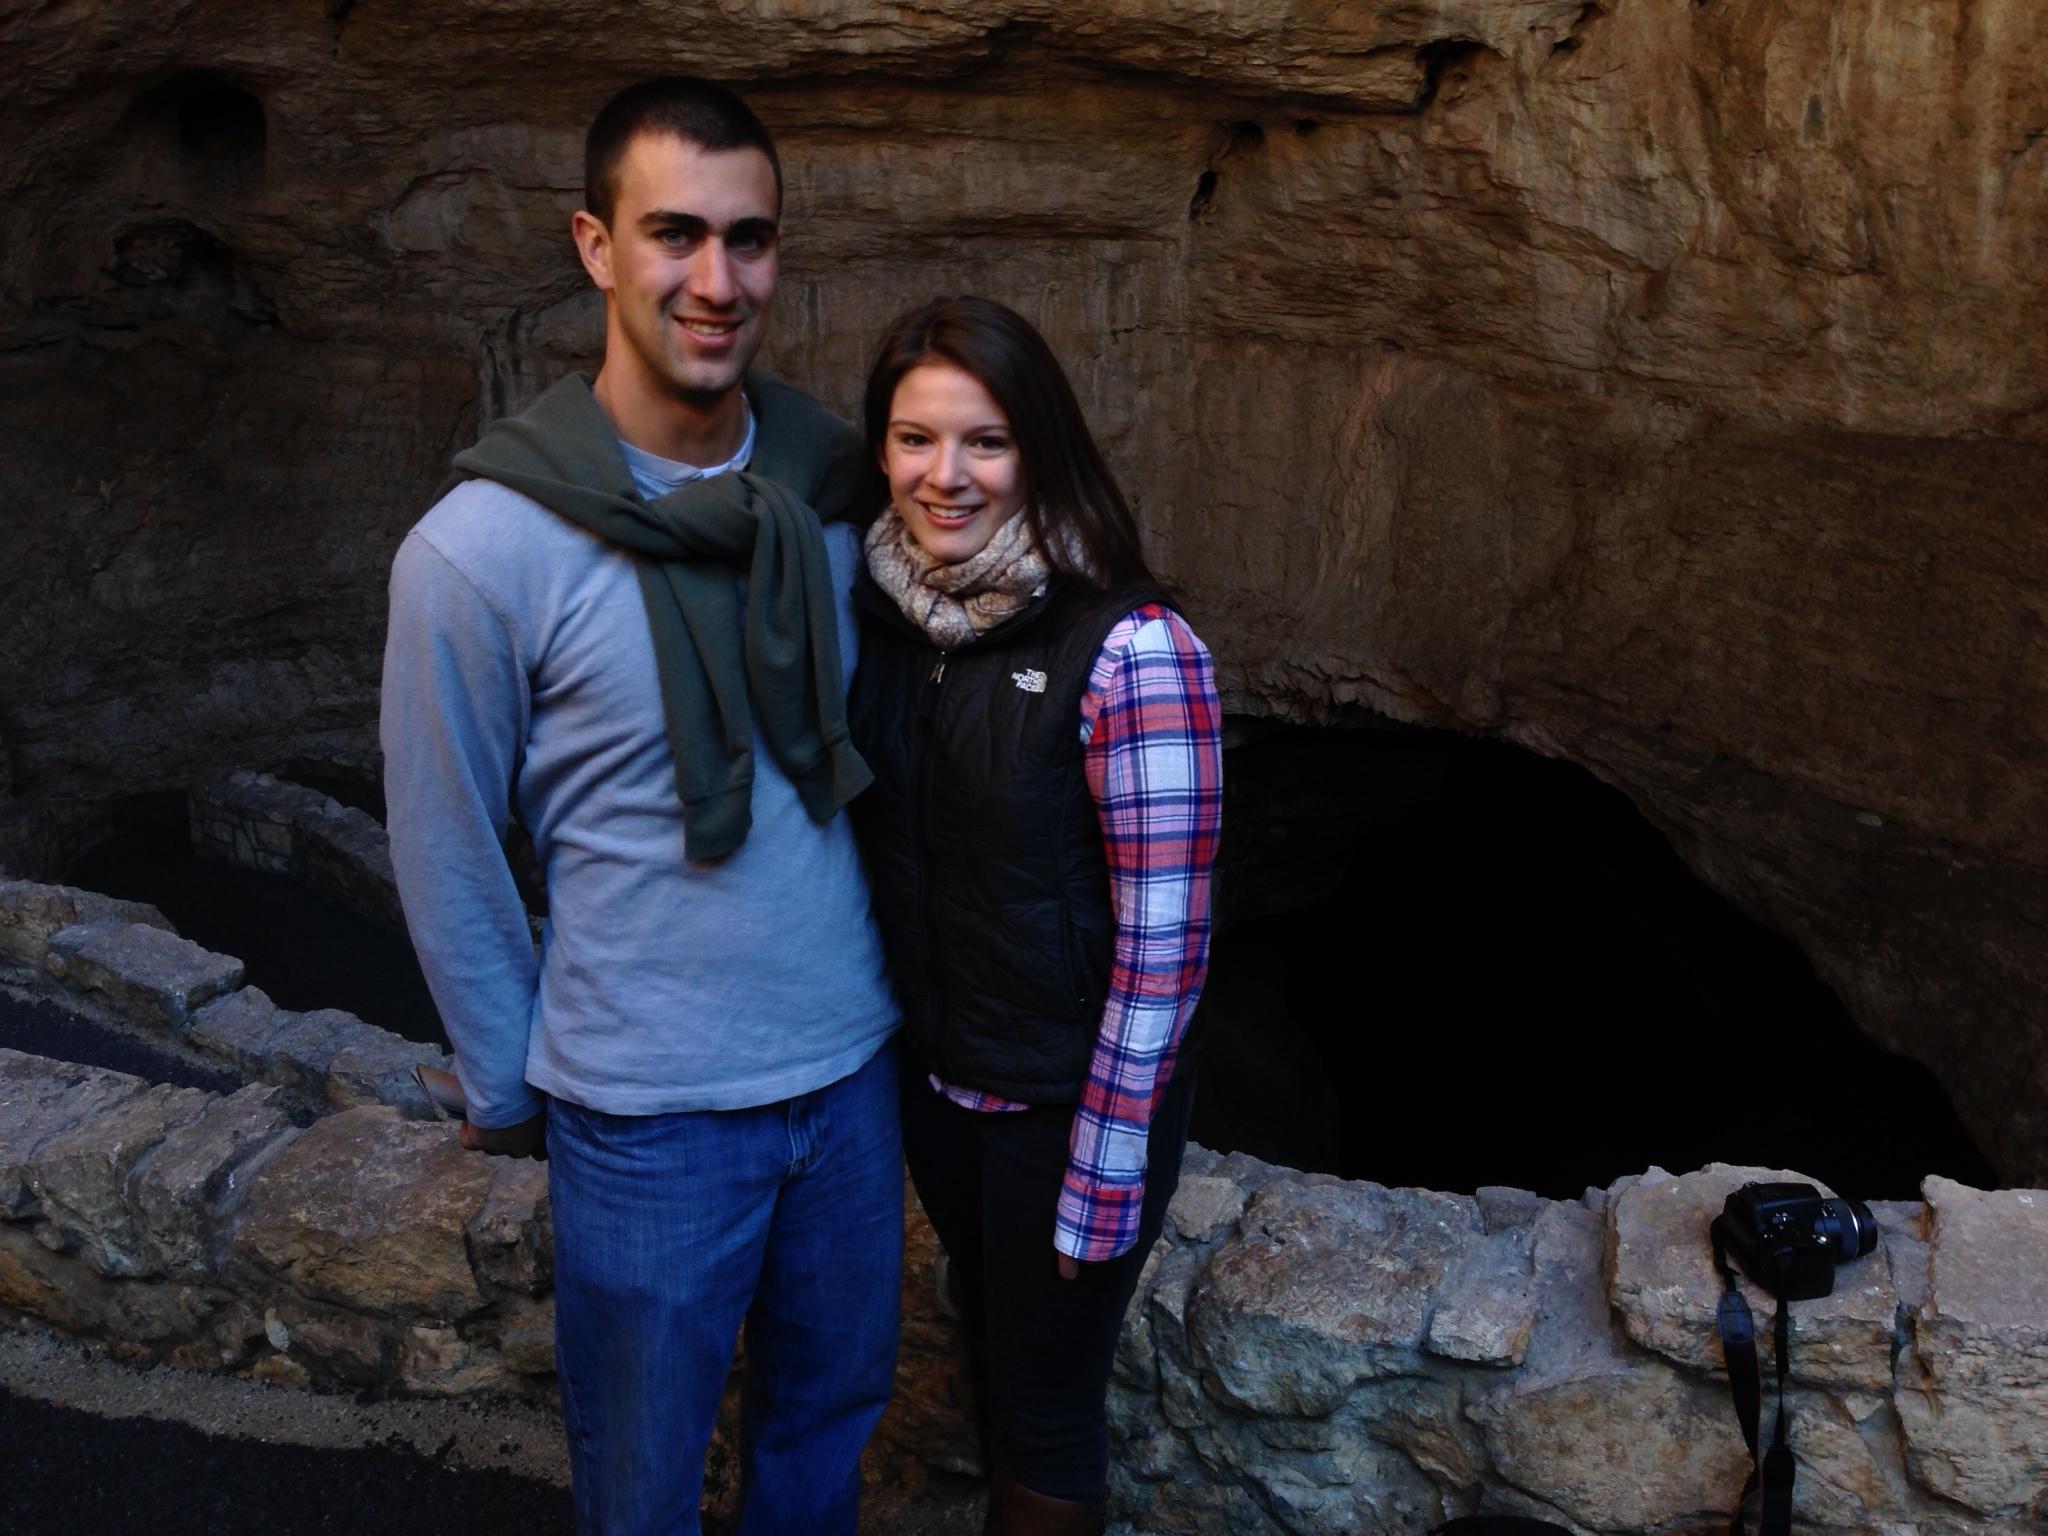 At the entrance of Carlsbad Caverns